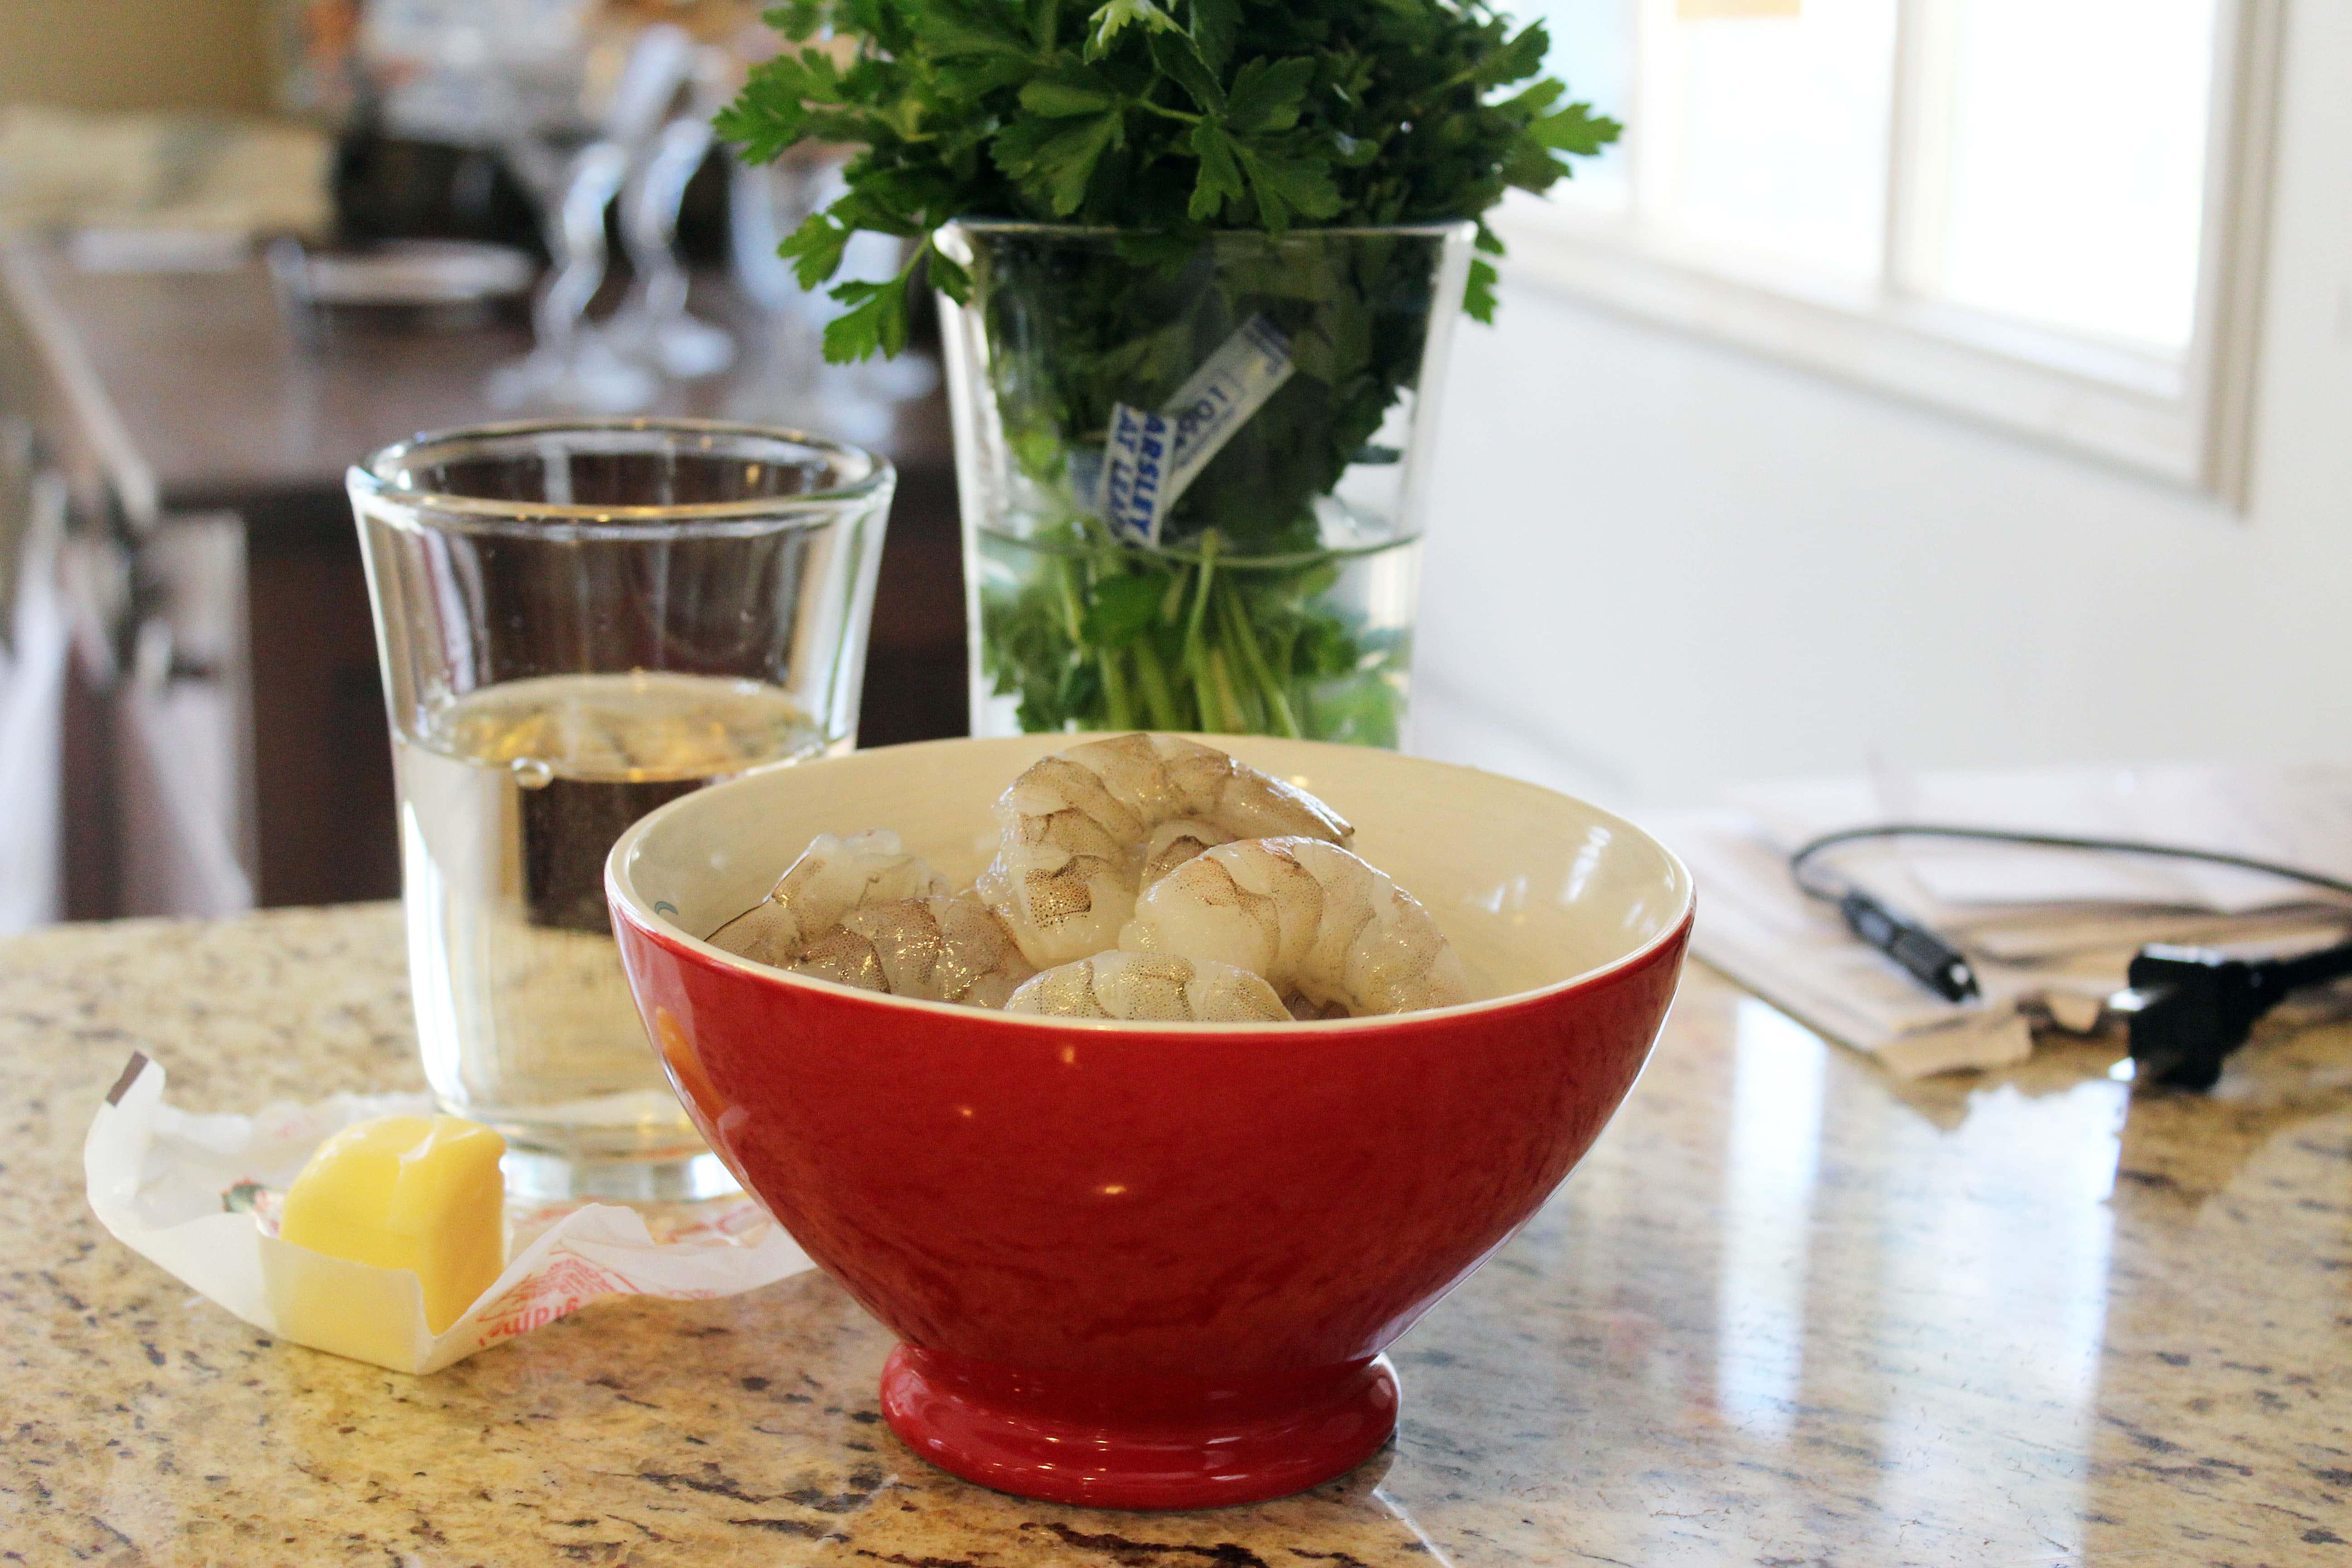 Ingredients minus lemon